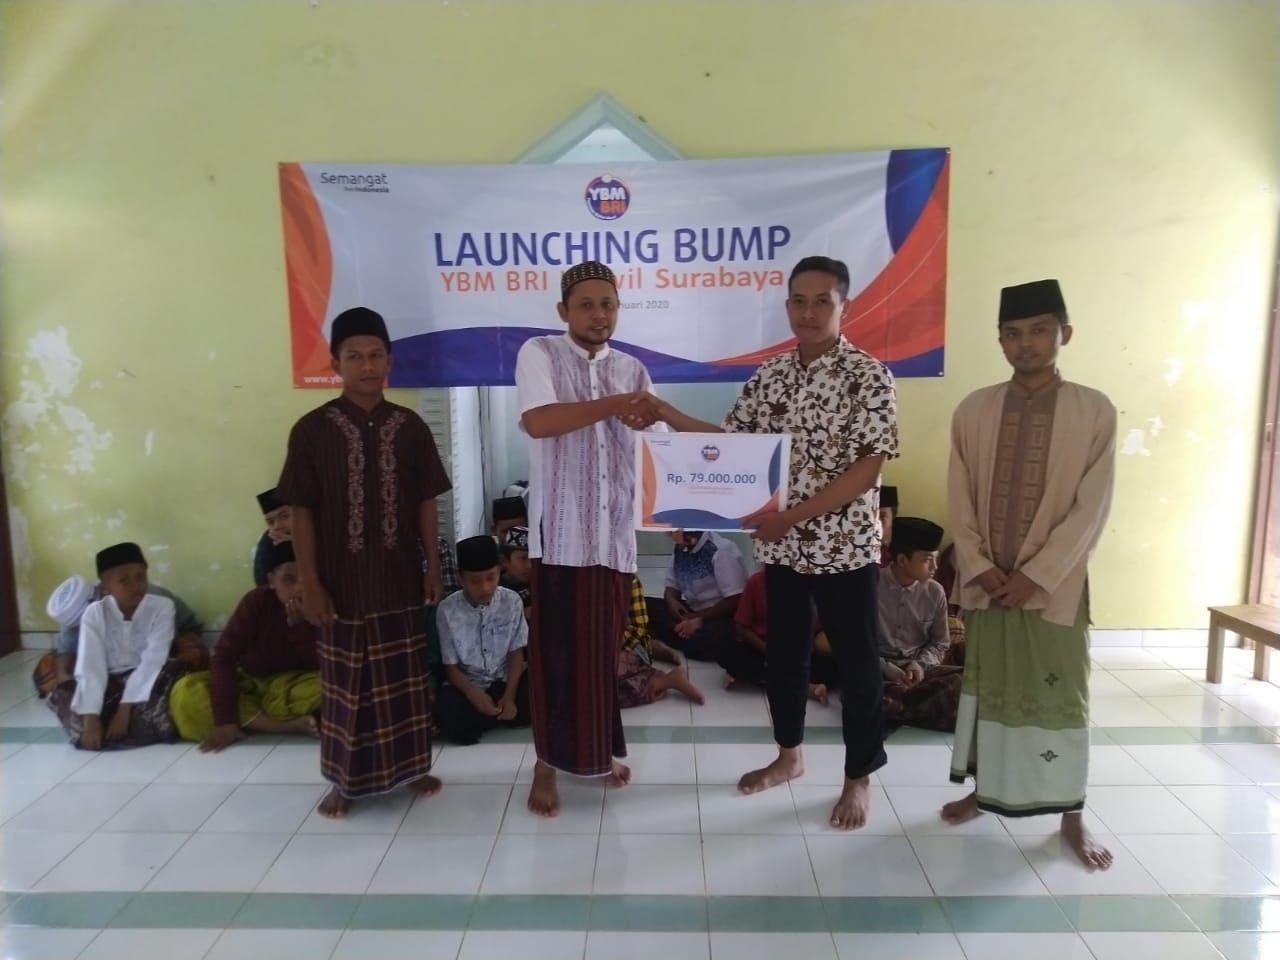 Launching BUMP Arrohmah